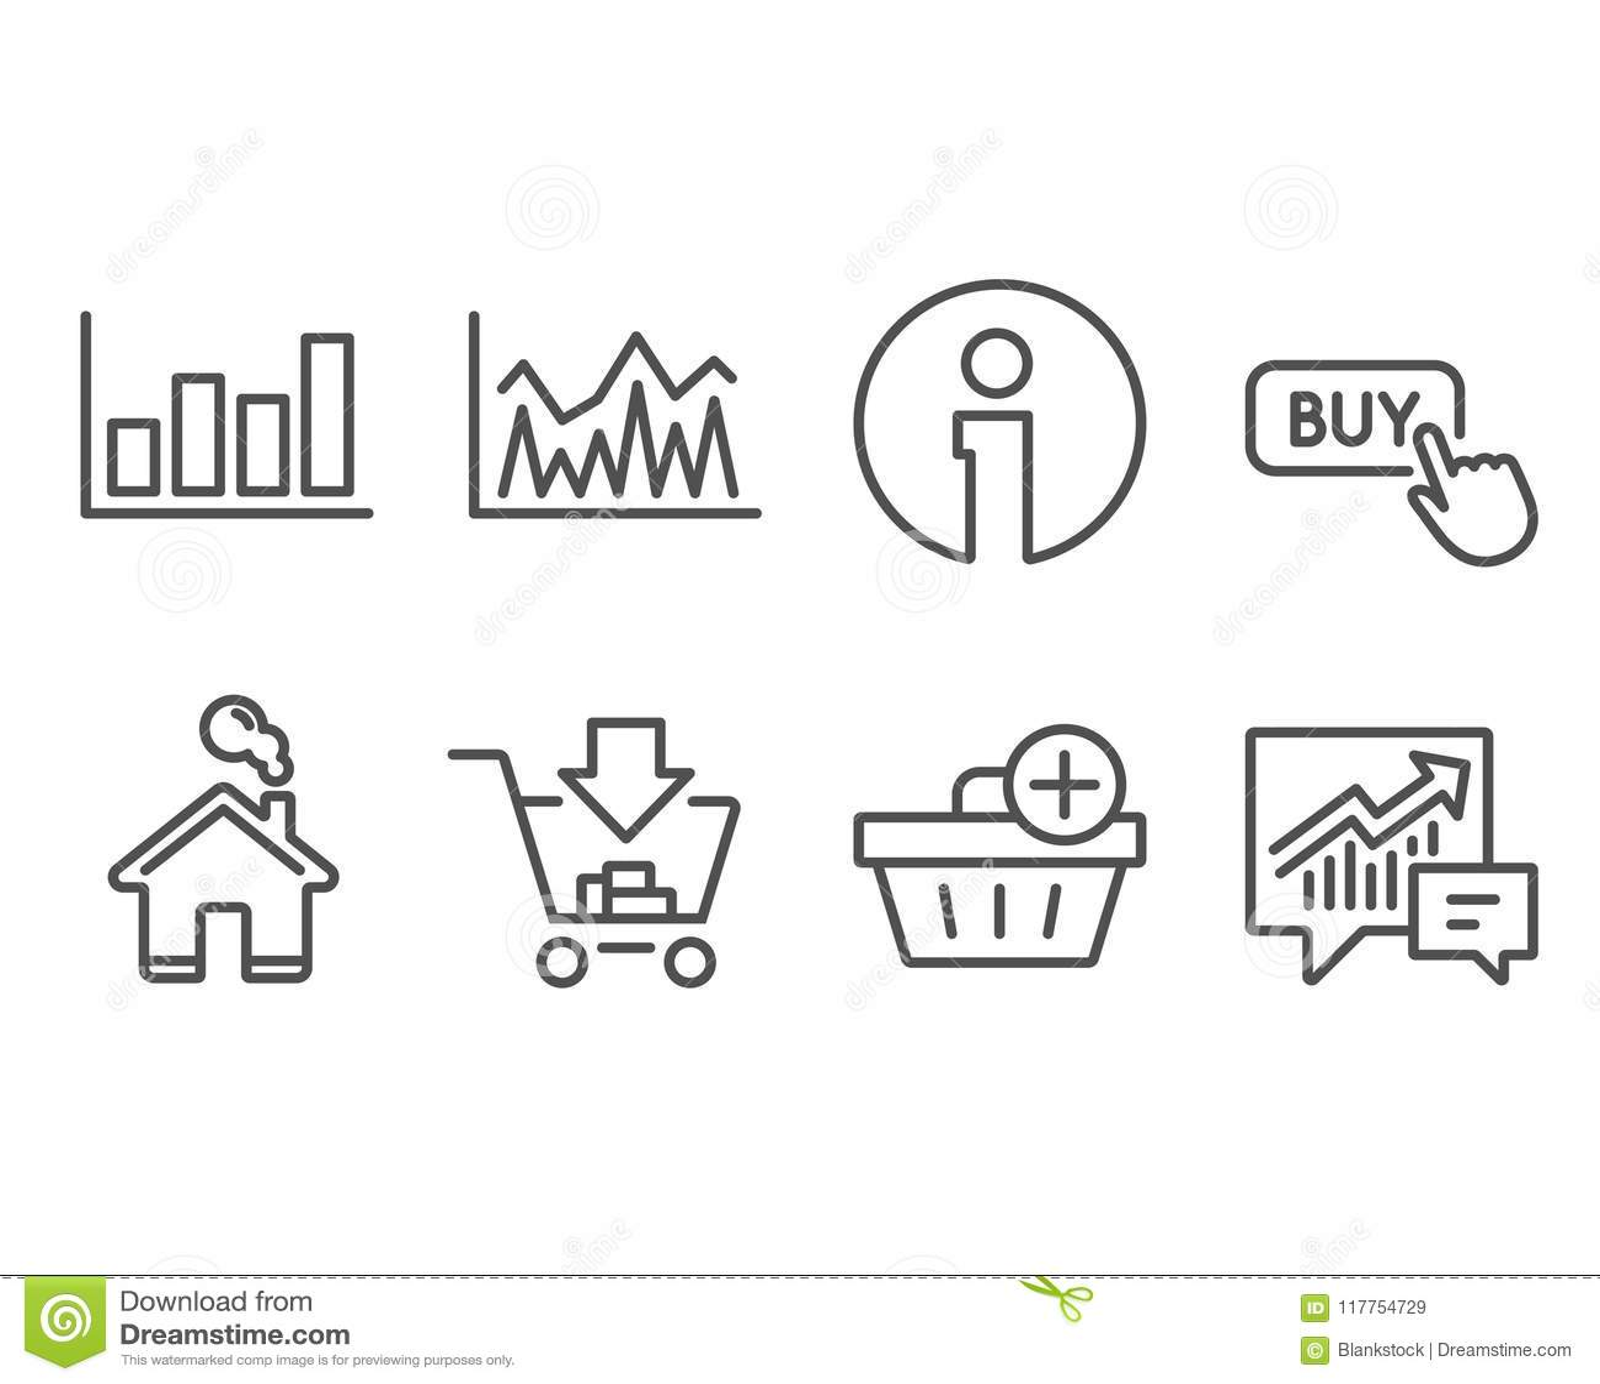 Haciendo compras, añada la compra y divulgue los iconos del diagrama Compre el botón, muestras de la inversión y de la contabilid